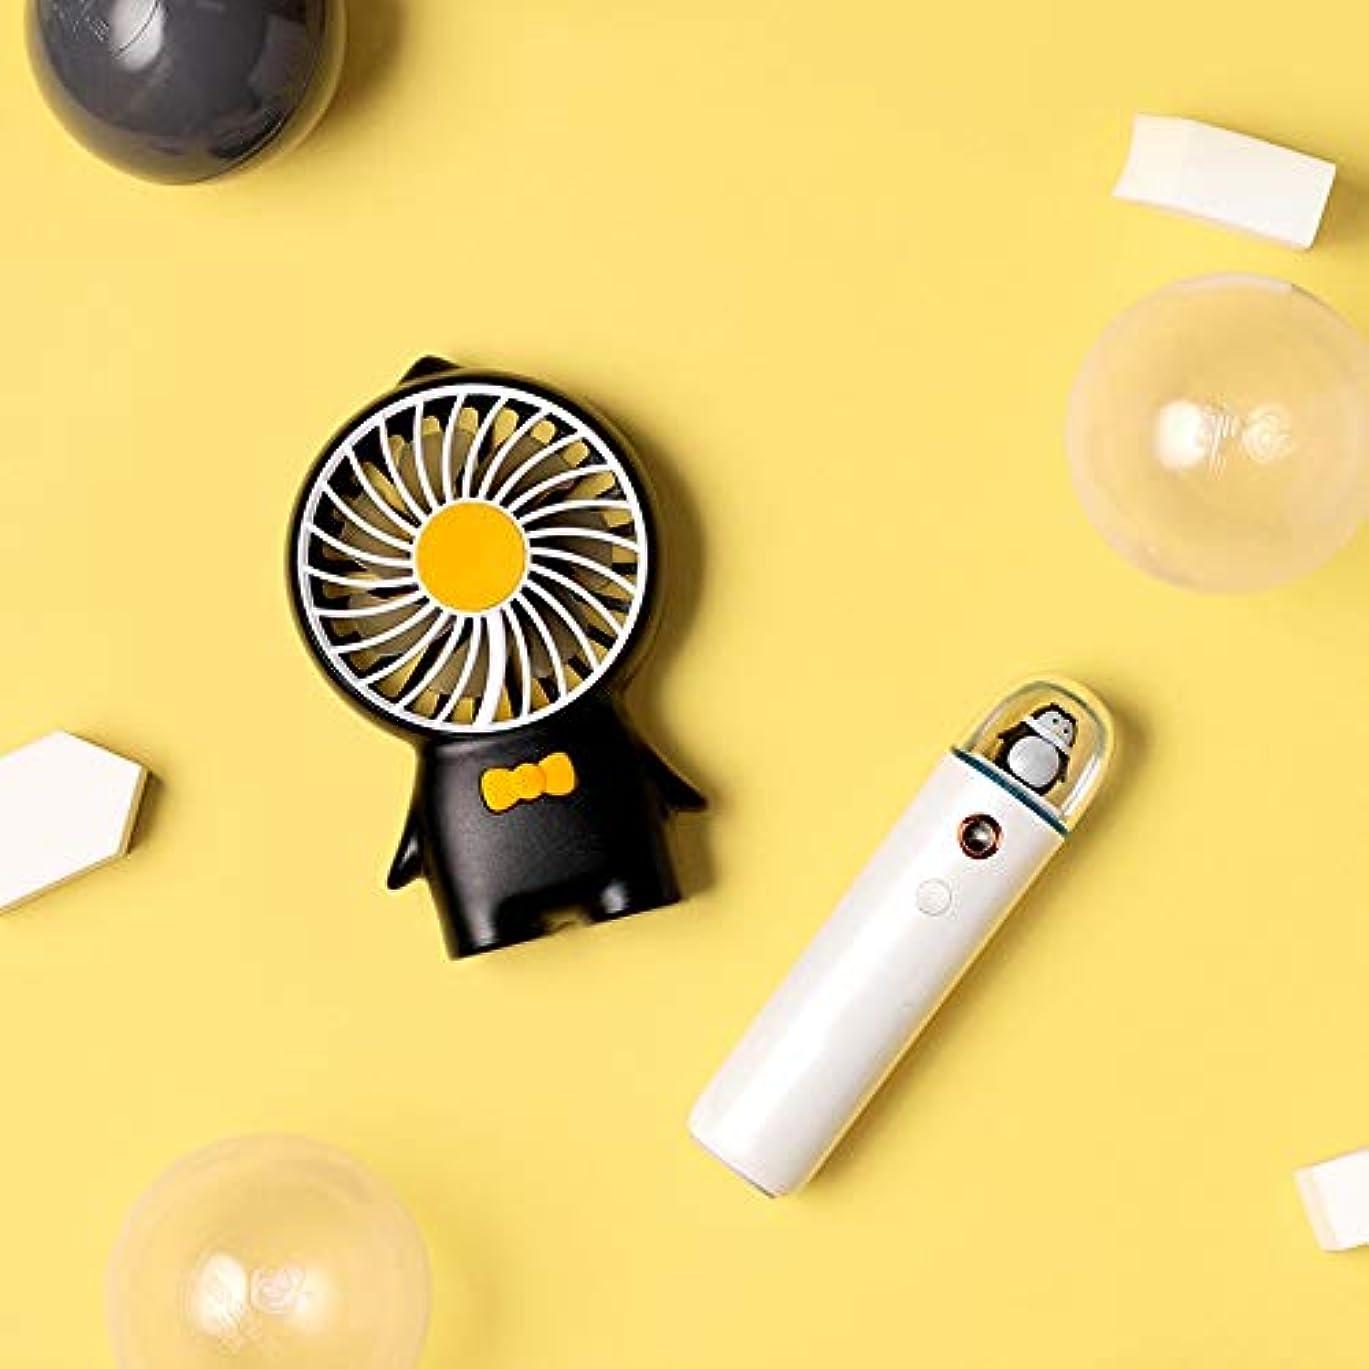 観察する果てしないカードZXF コールドスプレー水道メーターusb充電ナノスプレー小さなファン水道メーター美容機器黒モデルホワイトガールギフト用ガールフレンドセット 滑らかである (色 : Black)